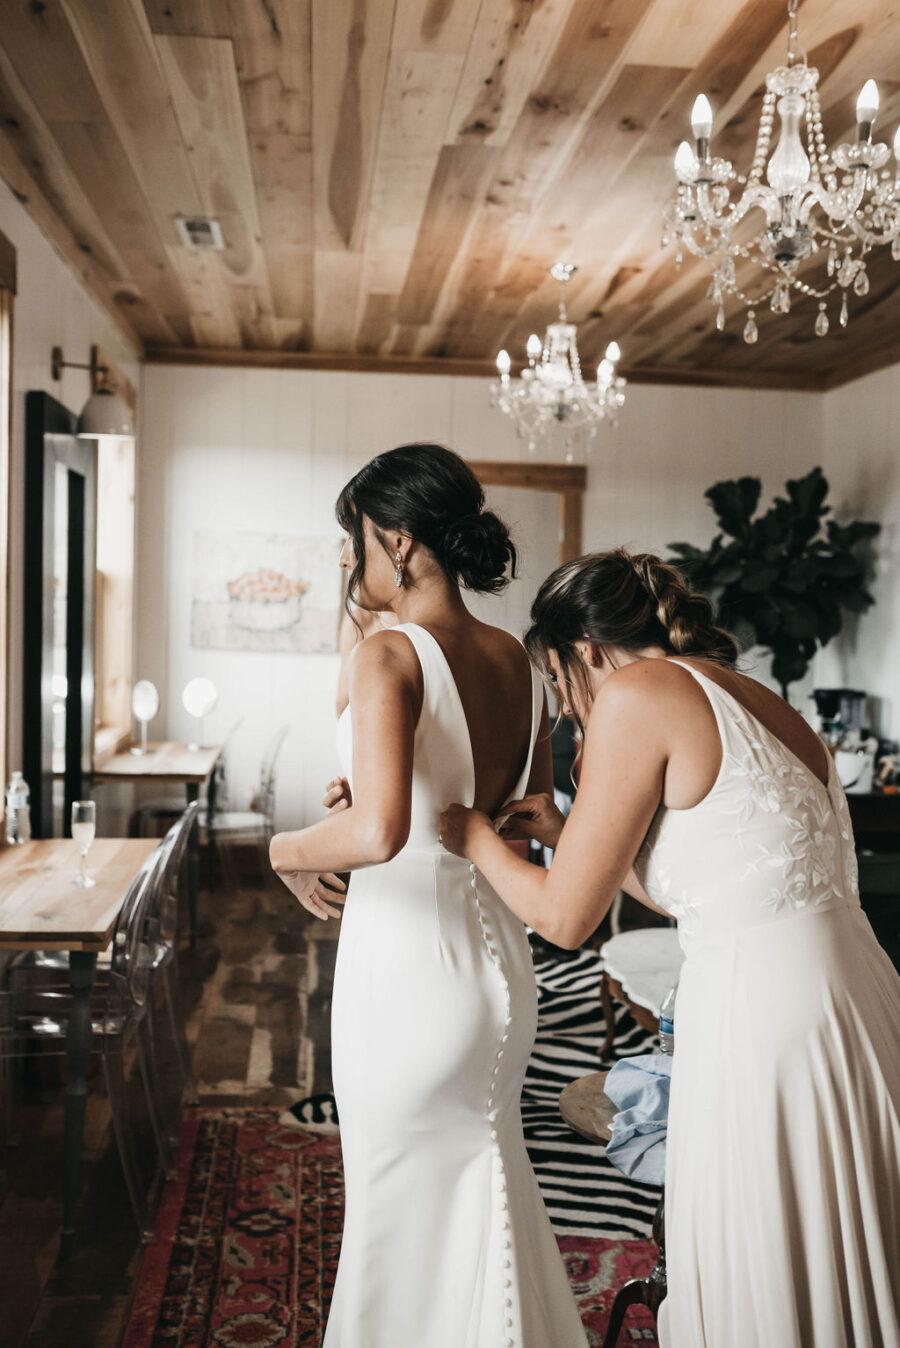 bridesmaid helping bride get into wedding dress